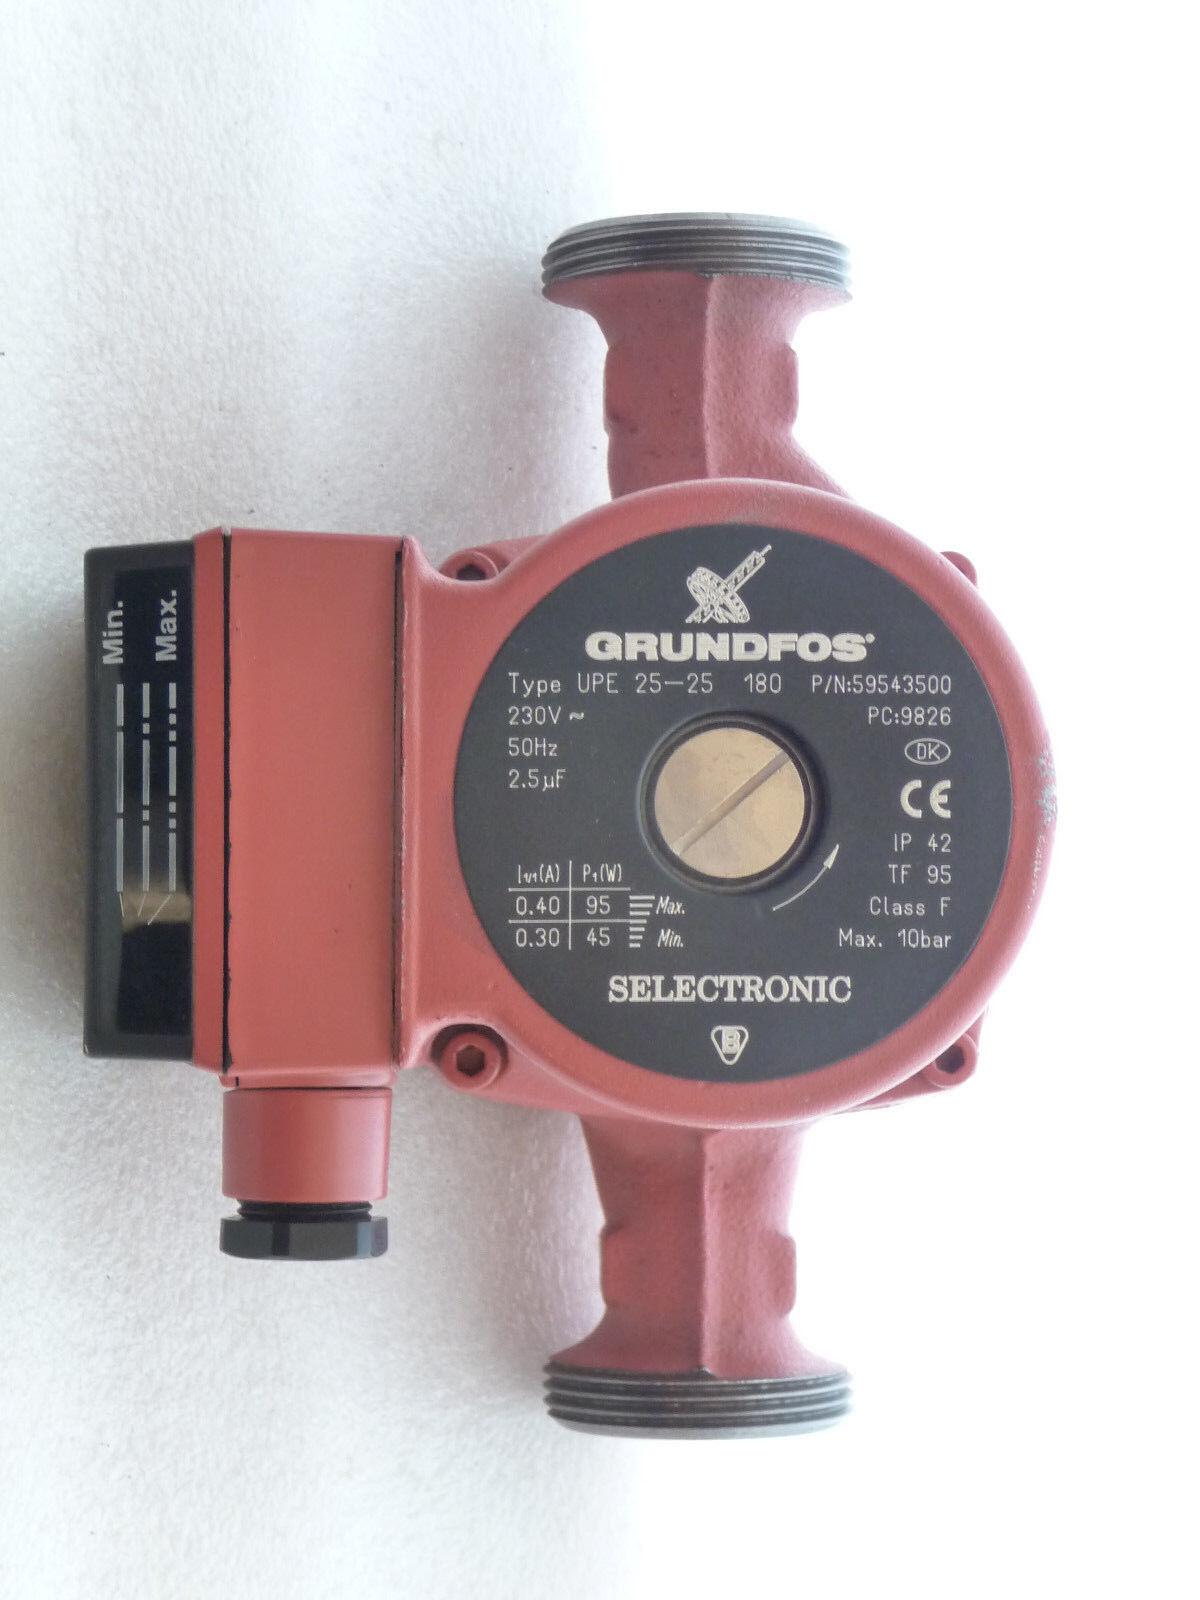 Grundfos UPE 25 - 25 Heizungspumpe 180 mm mm mm Umwälzpumpe  230 Volt  NEU P5567/18 83a01c